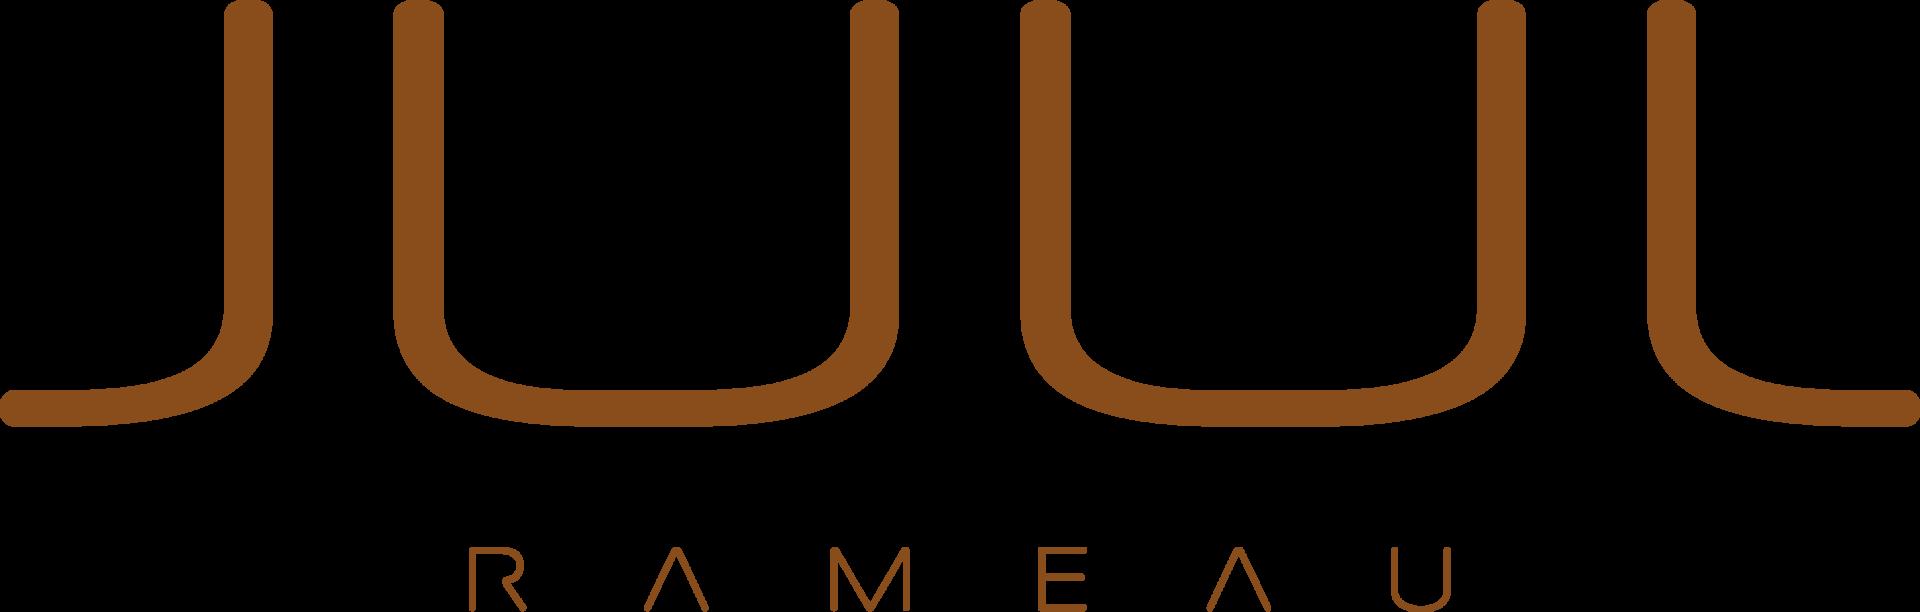 Juul Rameau